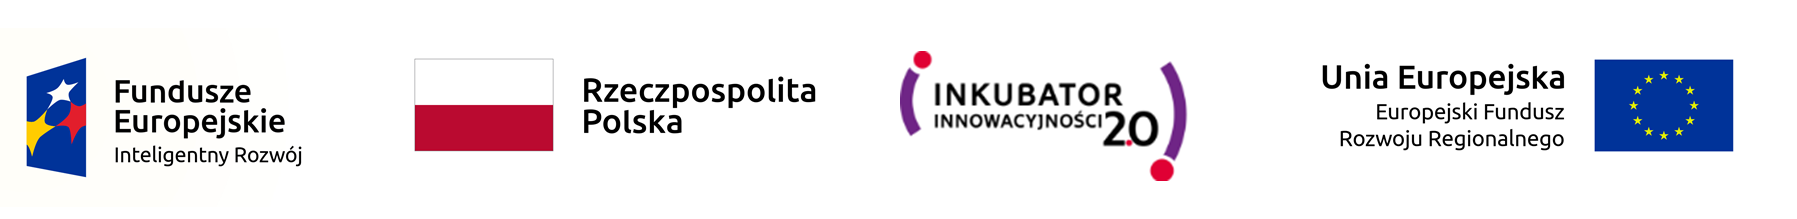 logotypy projektu Inkubator Innowacyjnosci 2.0, Fundusze Europejskie. Rzeczpospolita Polska, Unia Europejska